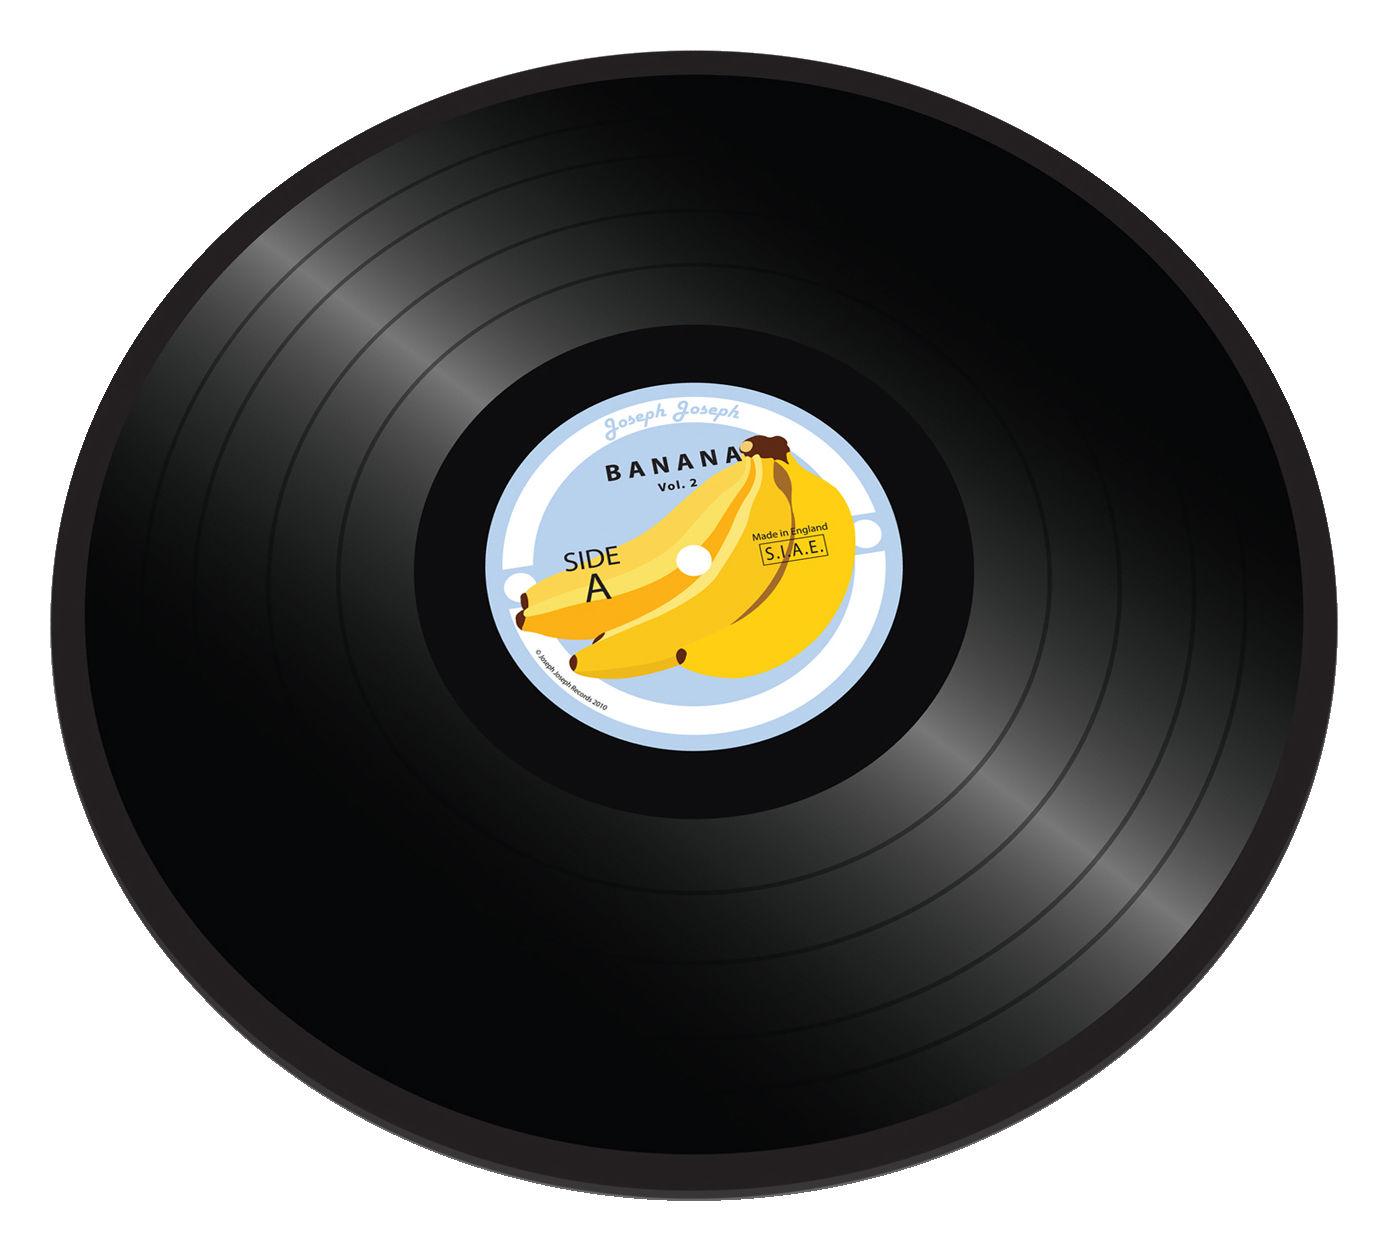 scopri tagliere banana vinyl sottopiatto banana vinyl di joseph joseph made in design italia. Black Bedroom Furniture Sets. Home Design Ideas